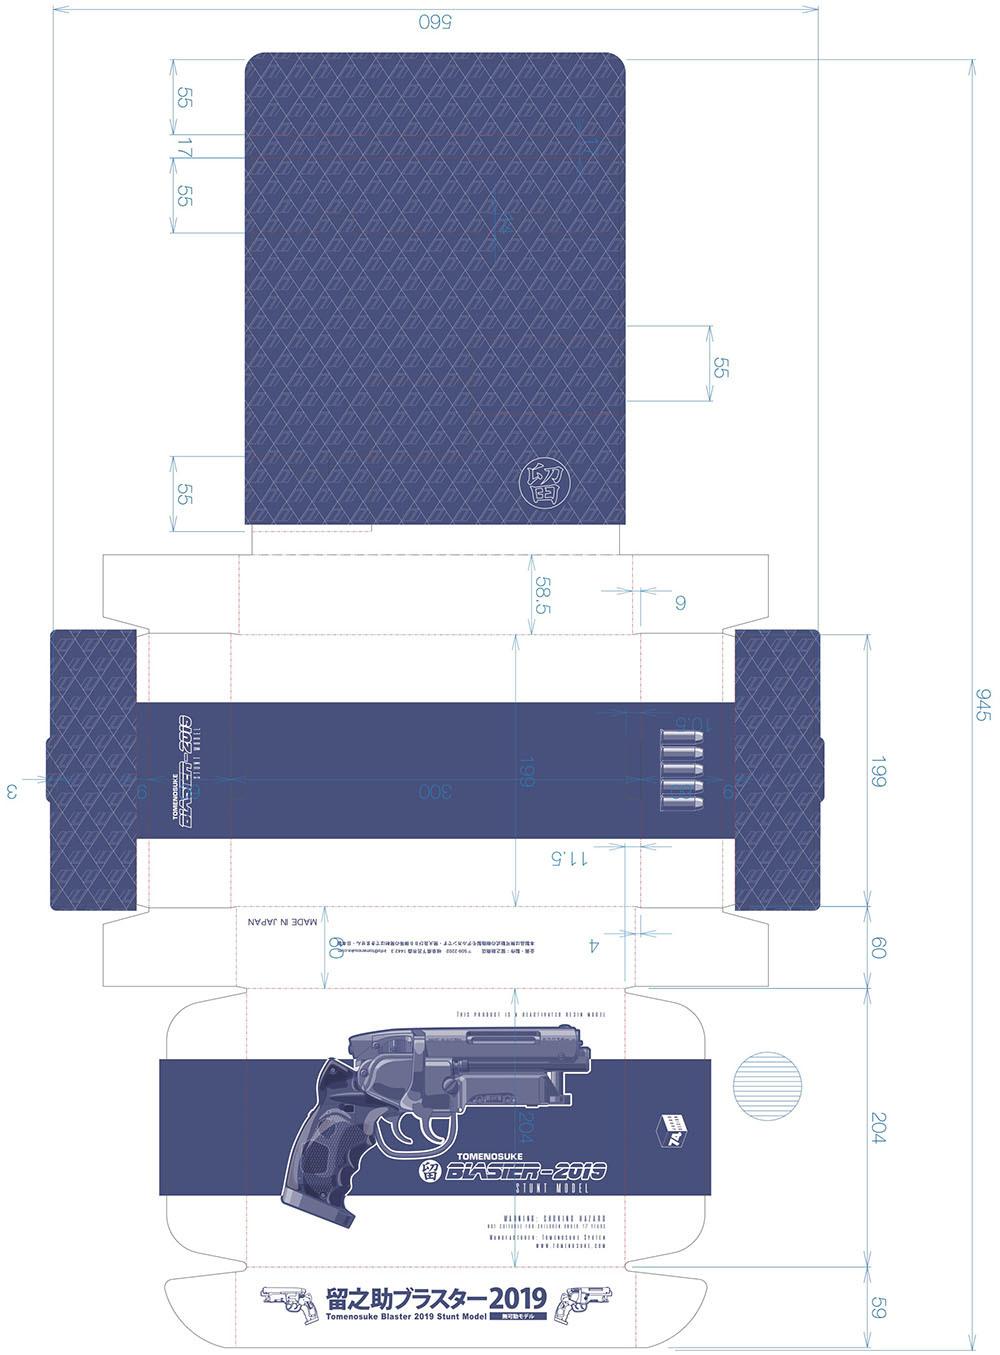 ジェイコブさんからスタント・モデルの新パッケージ・デザイン着_a0077842_23471112.jpg